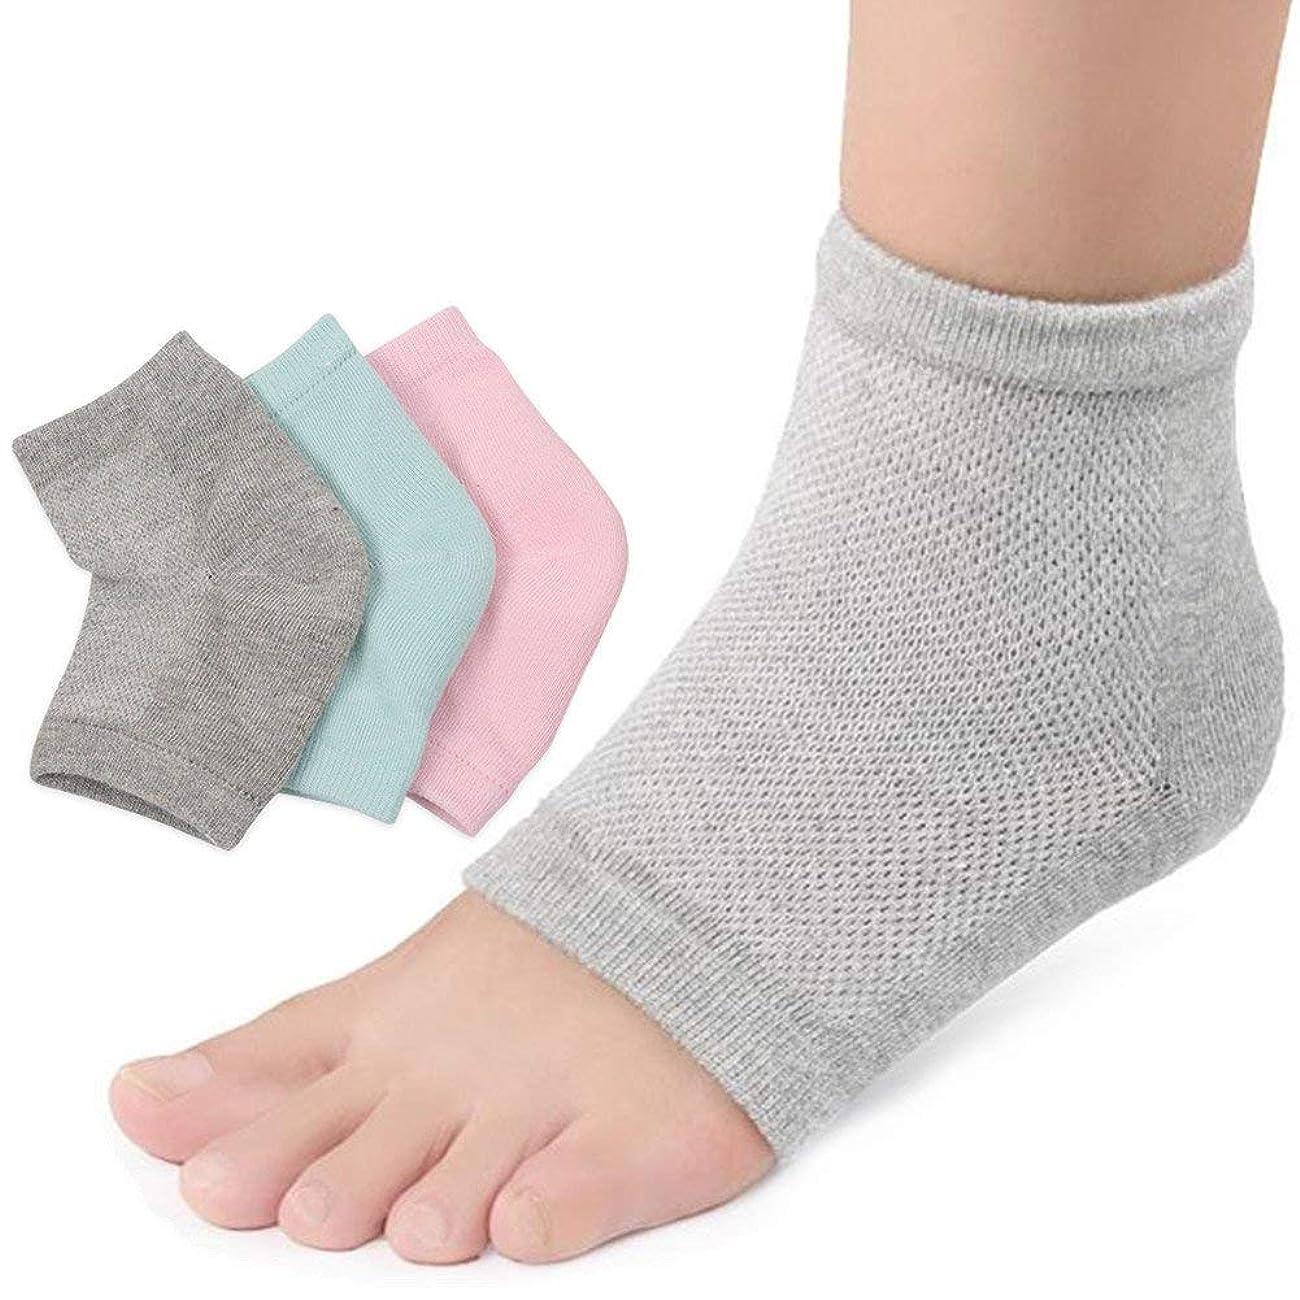 メリー五月何故なの3足セットかかと 靴下 かかとケア つるつる ジェル 靴下 角質 ケア 保湿 美容 角質除去足ケア 男女兼用